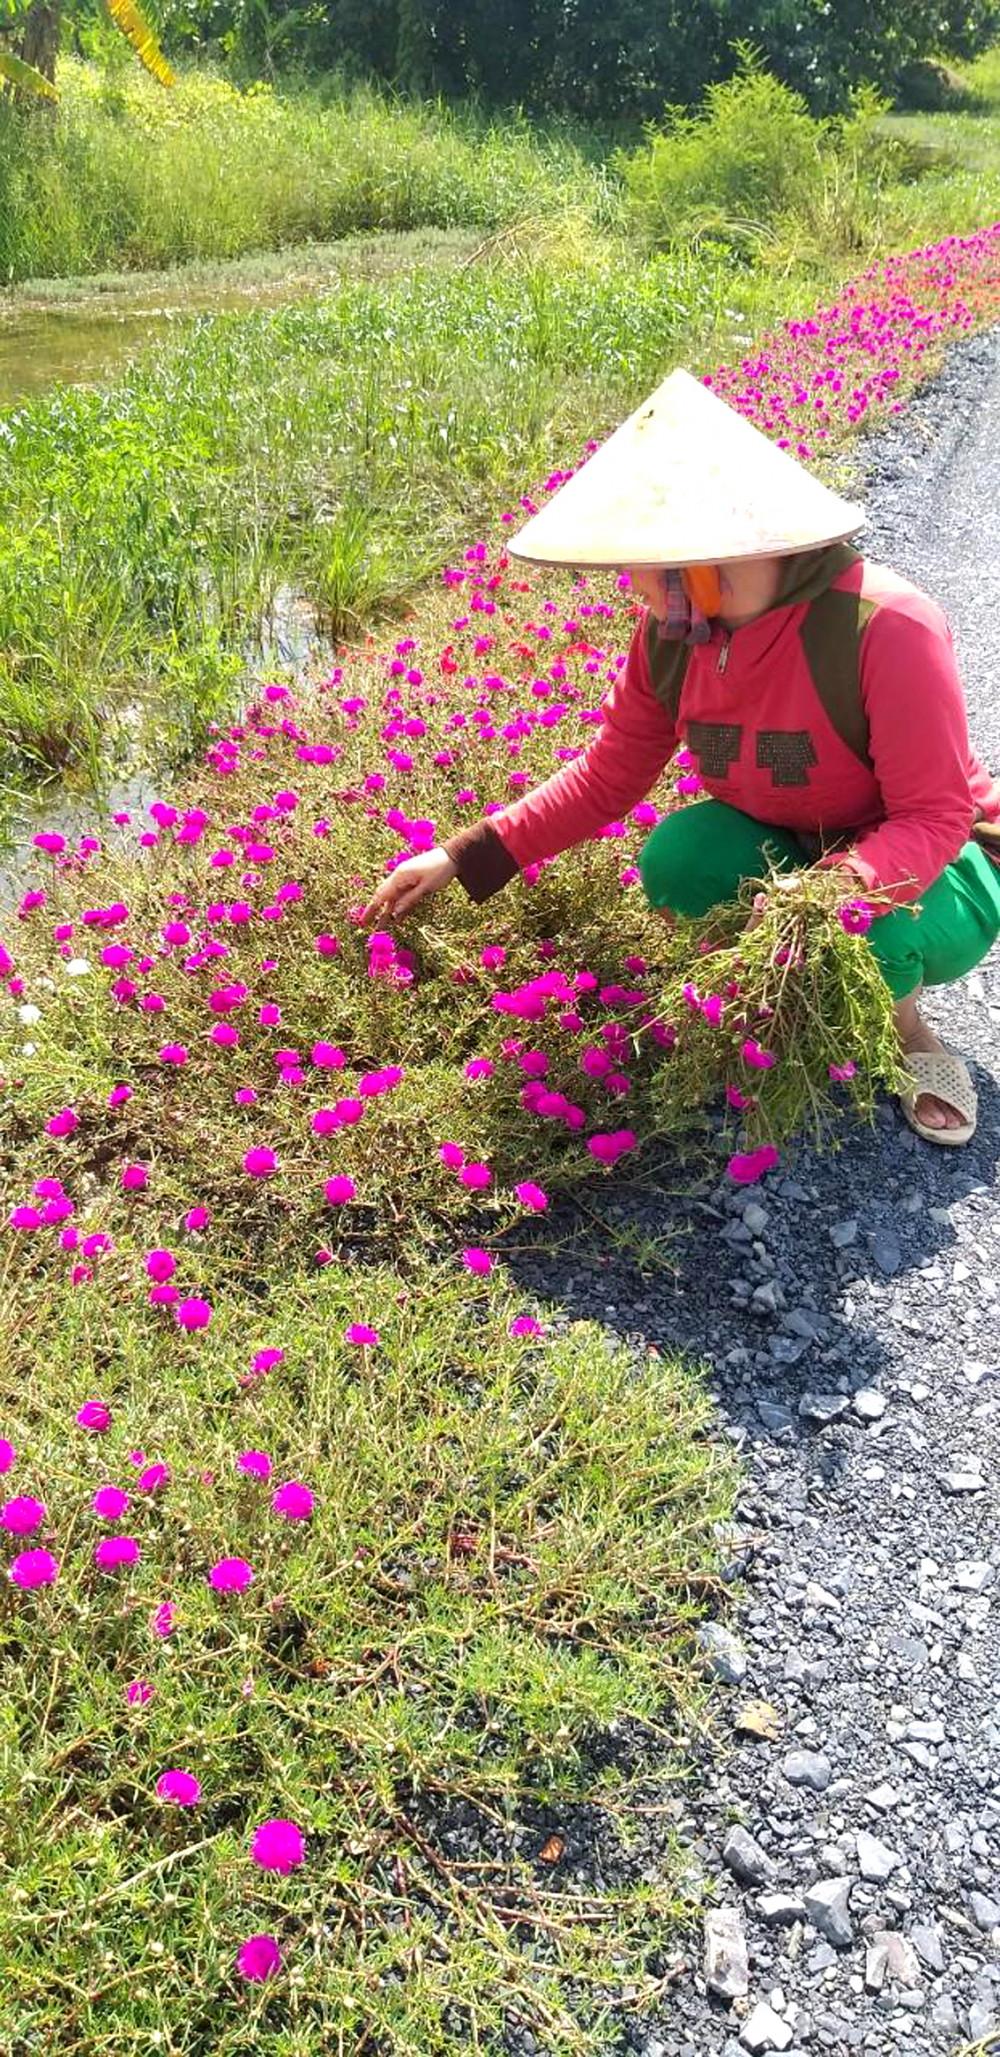 Ngày xưa, mùa mưa, muốn vô nhà phải băng qua sình lầy, giờ thì chạy băng trên đường rực rỡ sắc hoa…